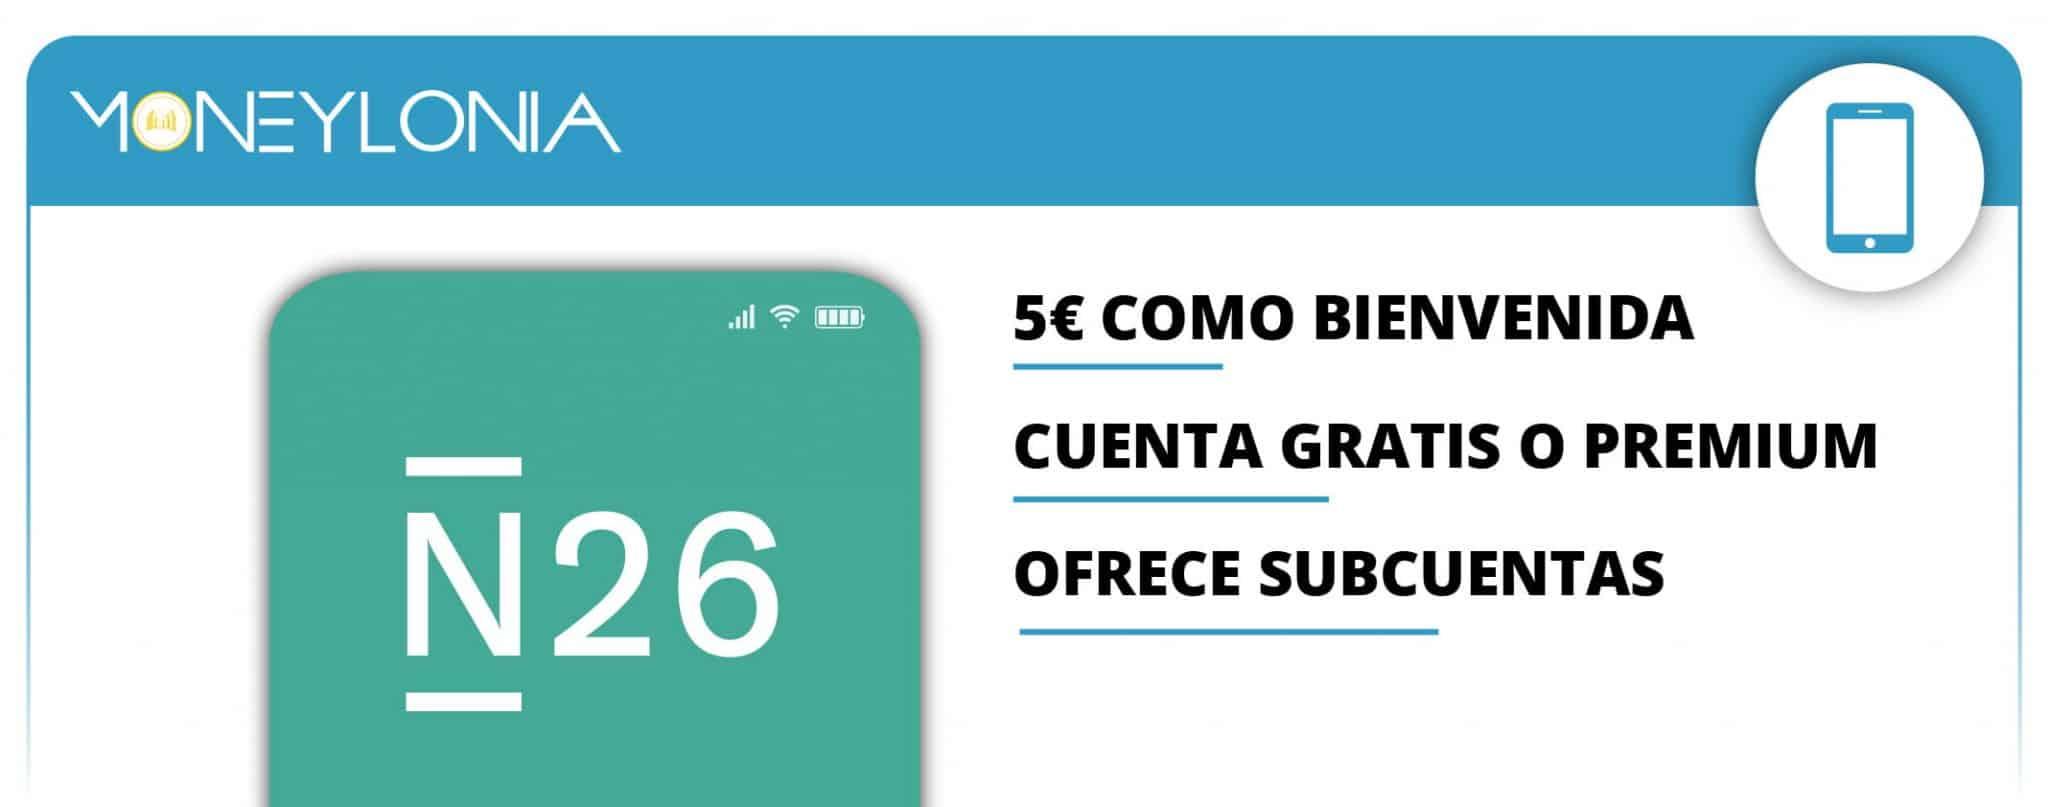 cuenta del banco móvil N26